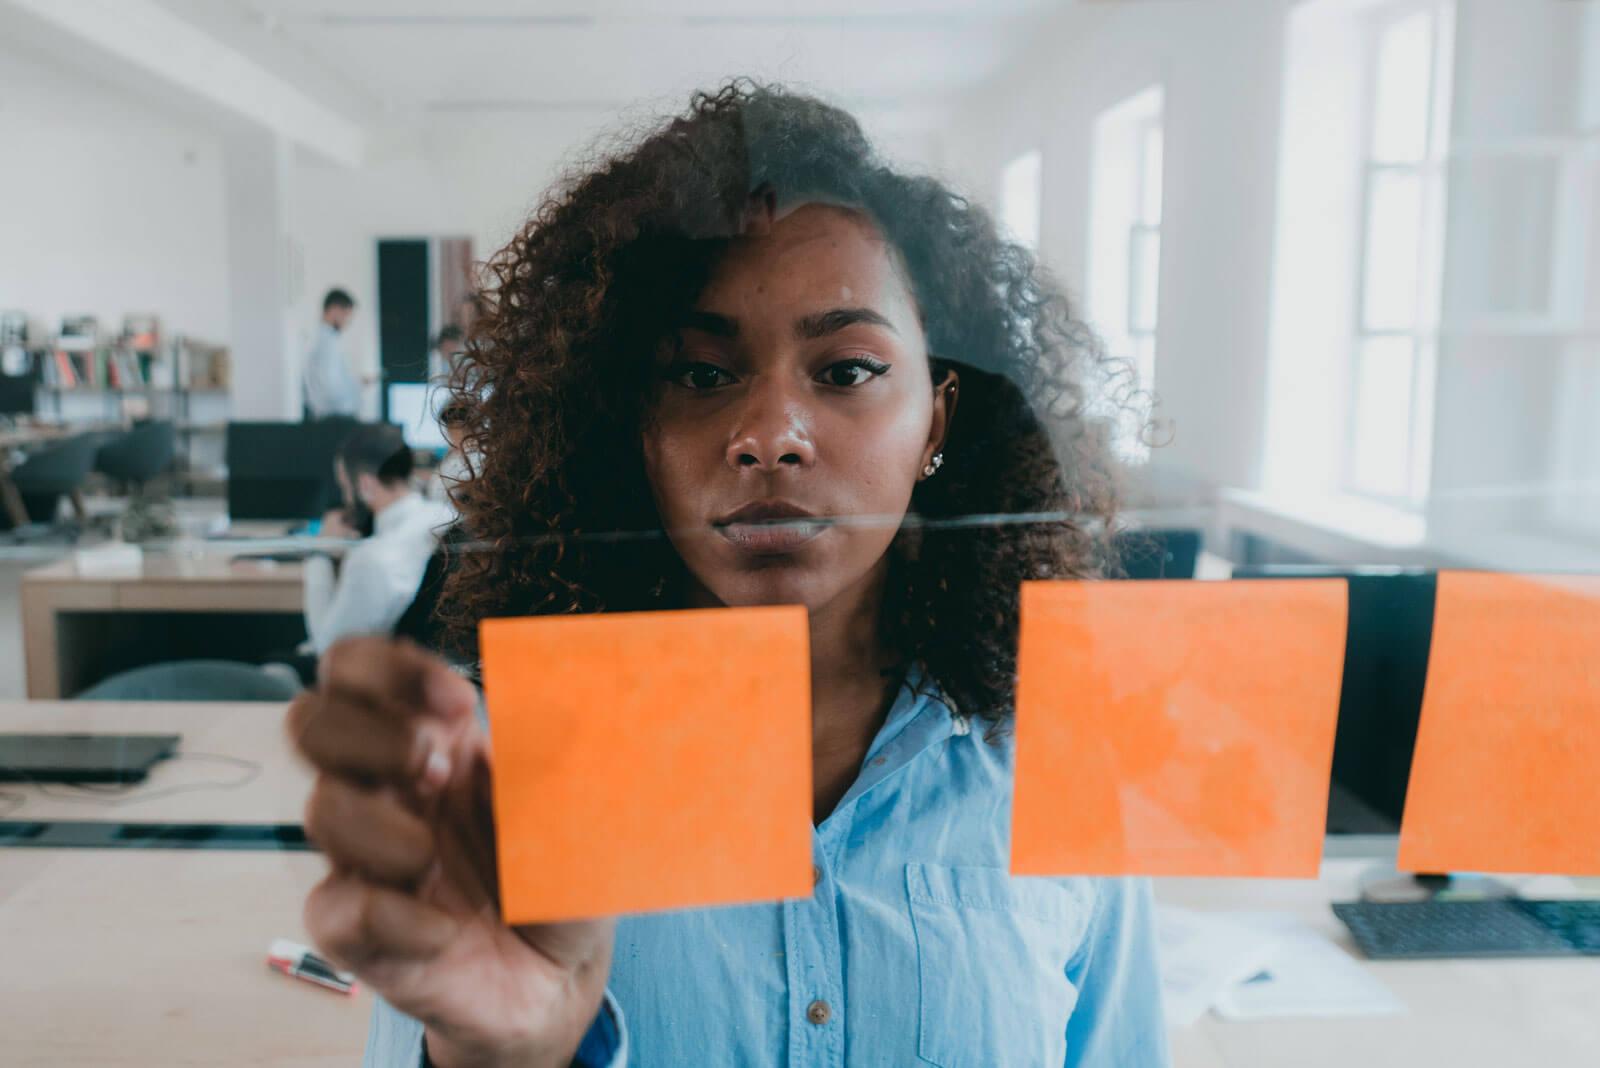 Eine Frau befestigt Post Its an einer Glaswand